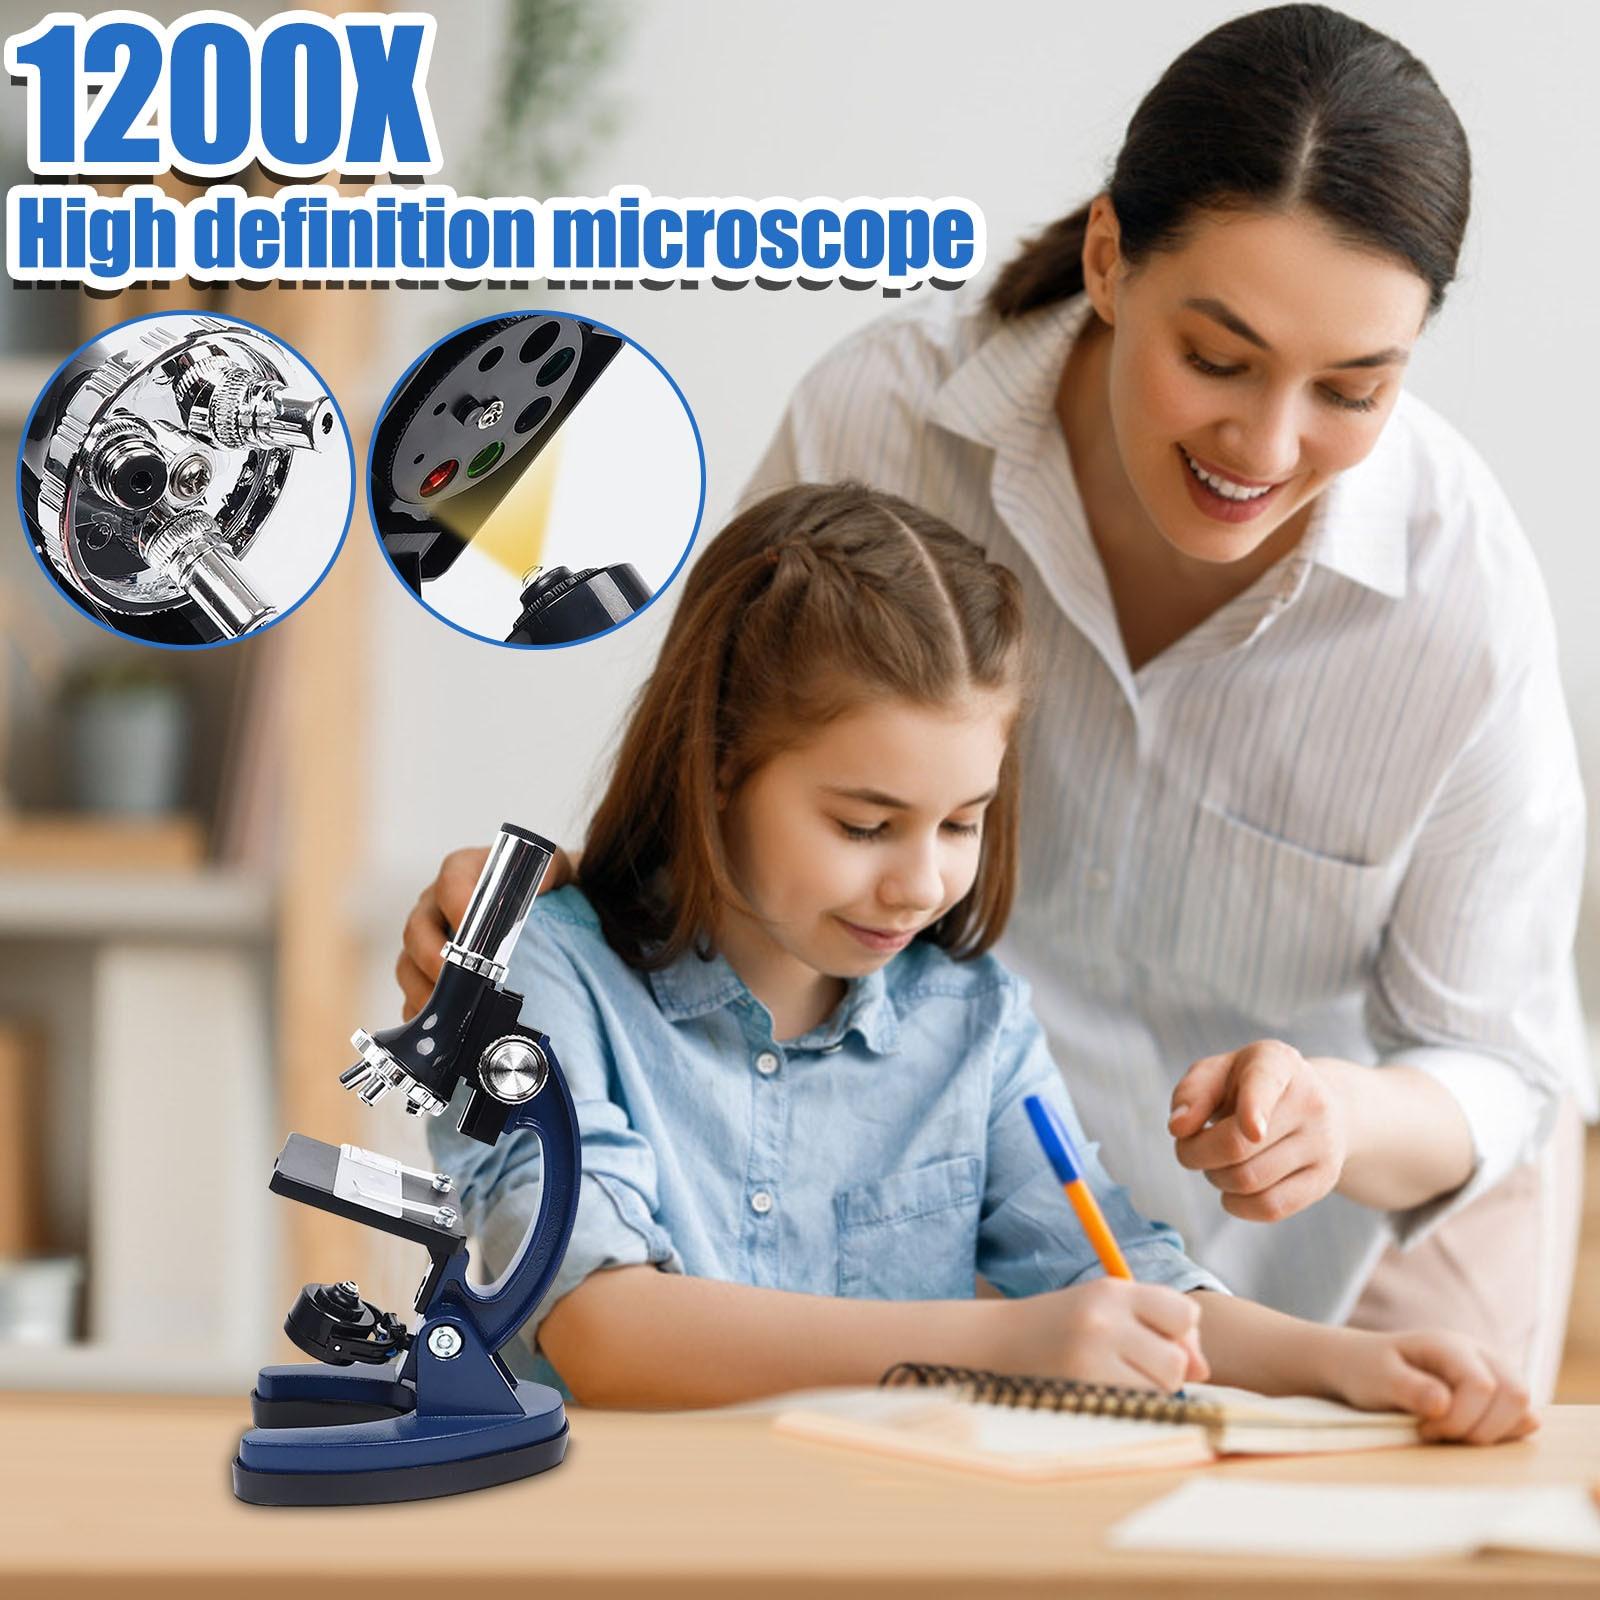 Microscopio para estudiantes, instrumento de aprendizaje de observación científica, cámara de tecnología azul, Juguetes Fidget, para niños y Chico, 1200 veces